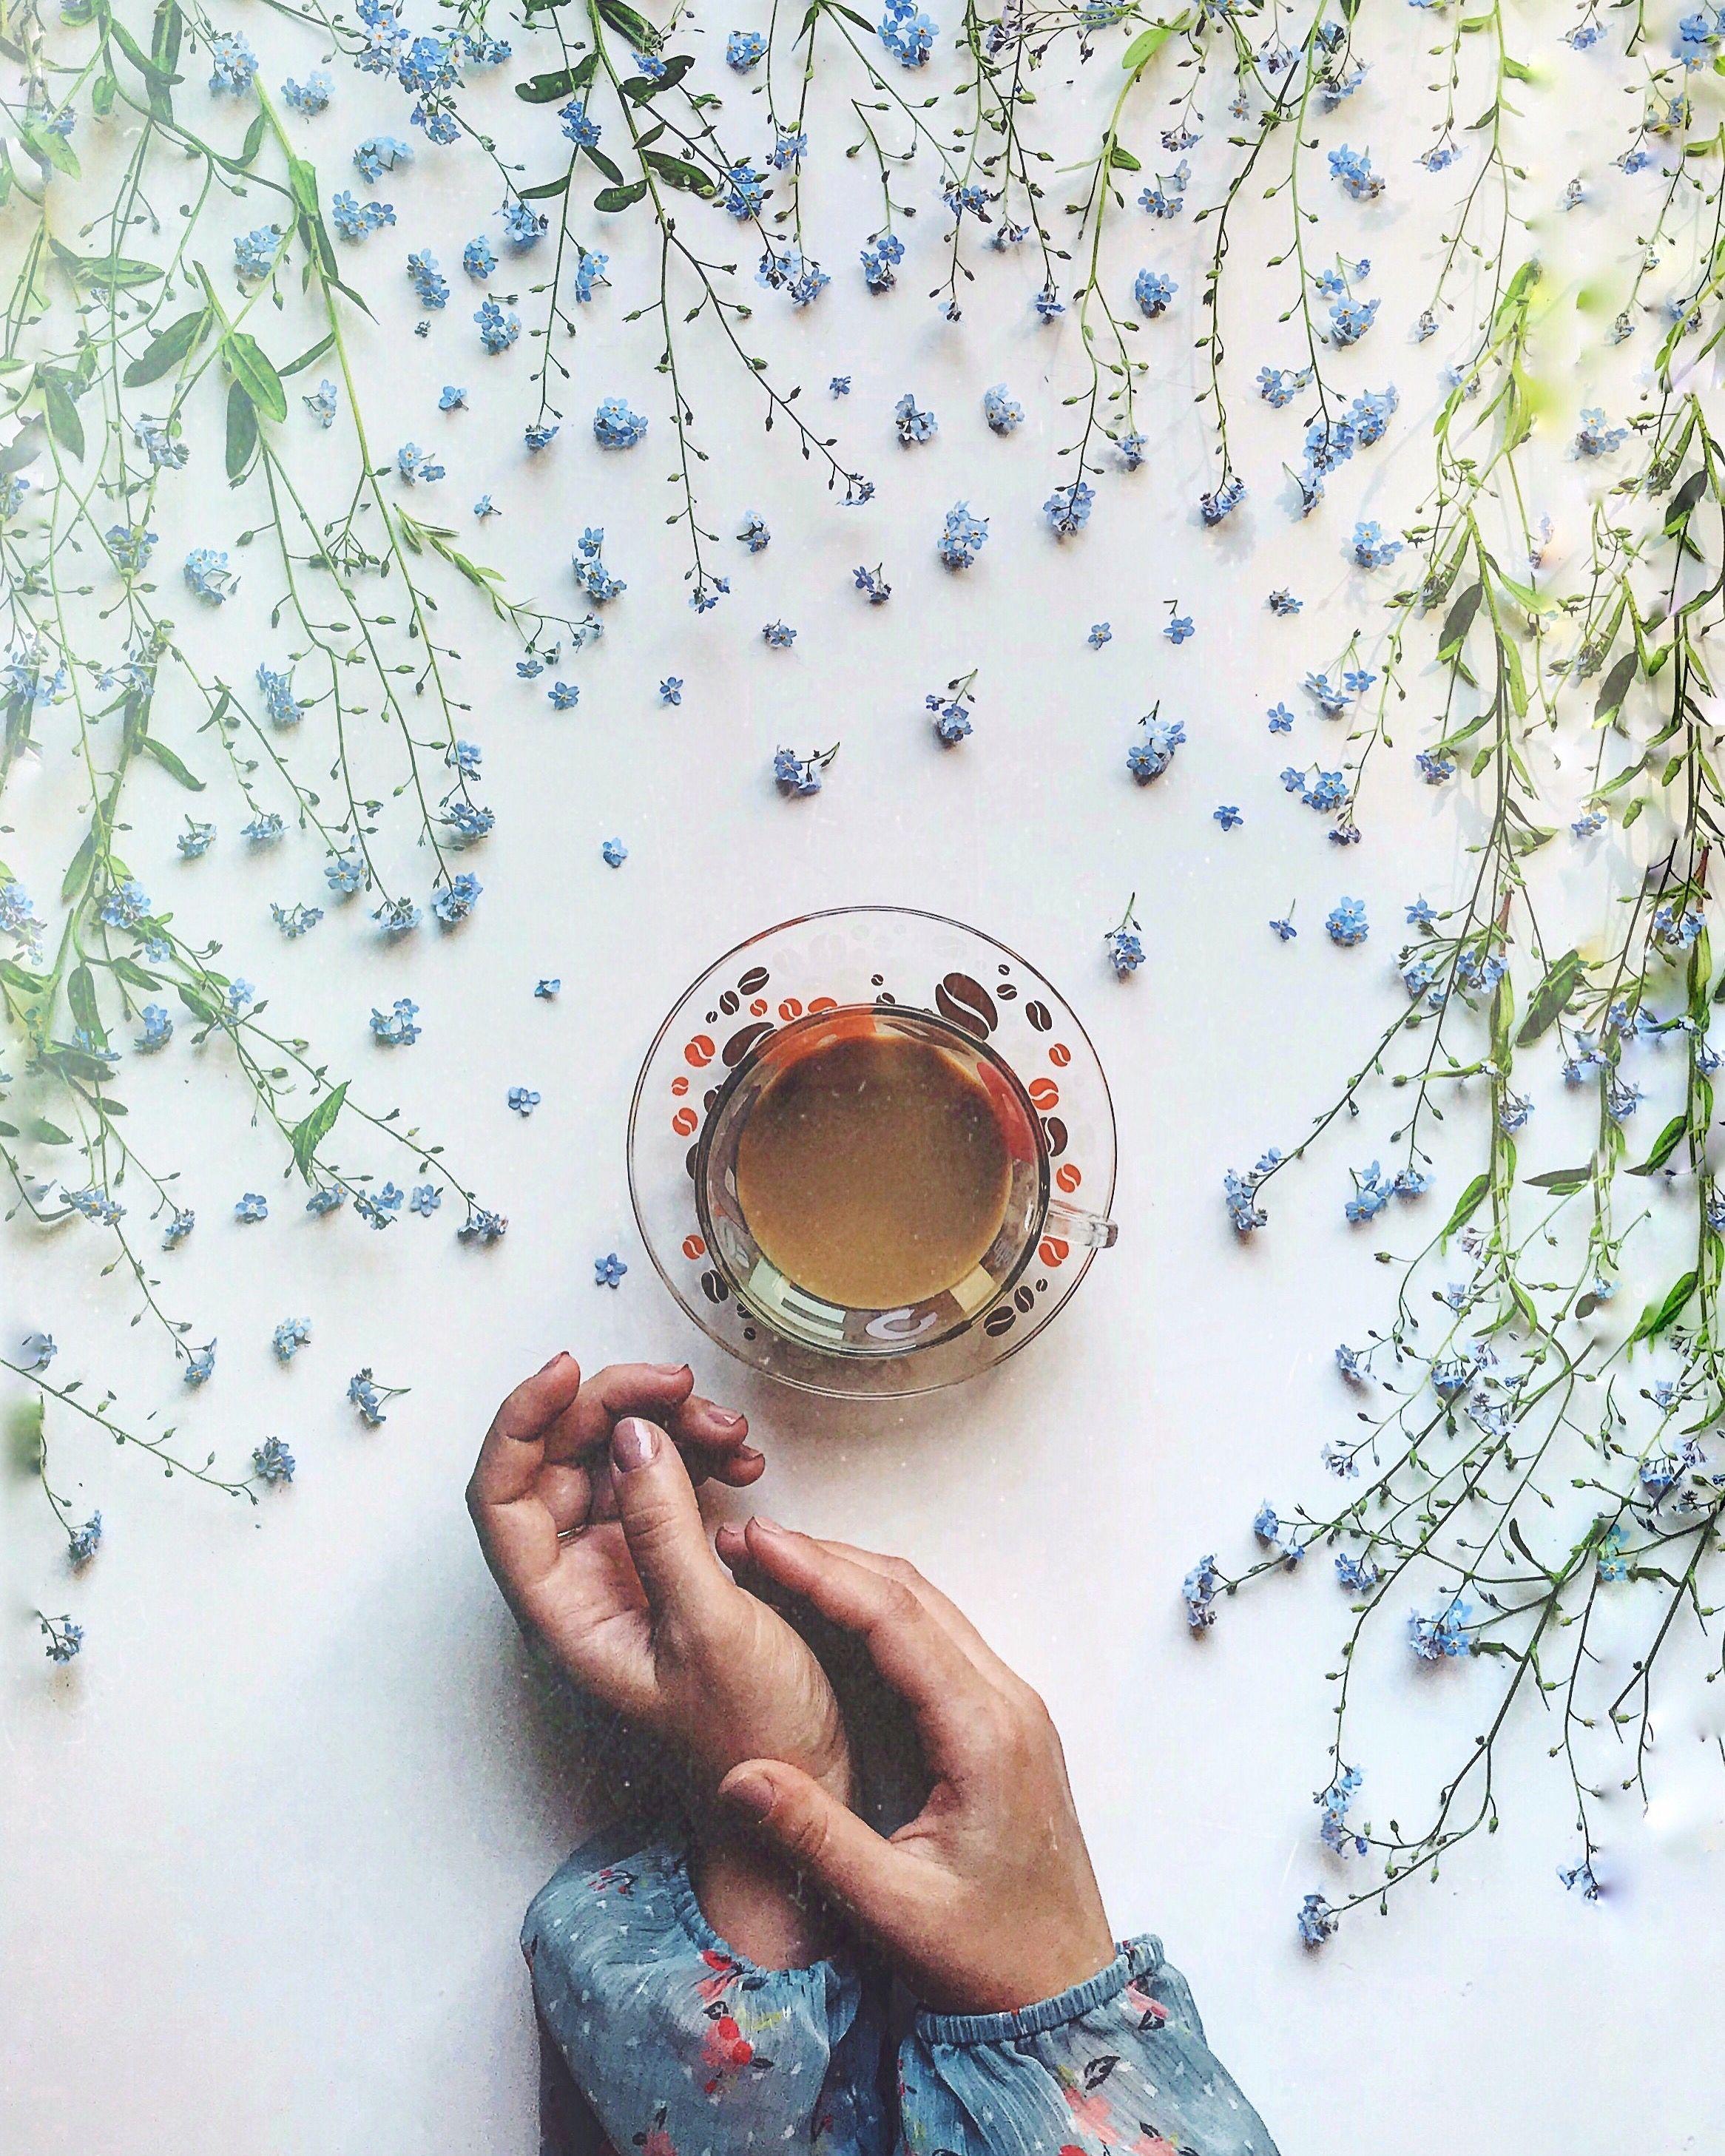 Nezhnye Cvety Fotografii Cvetov Cvety Instagram